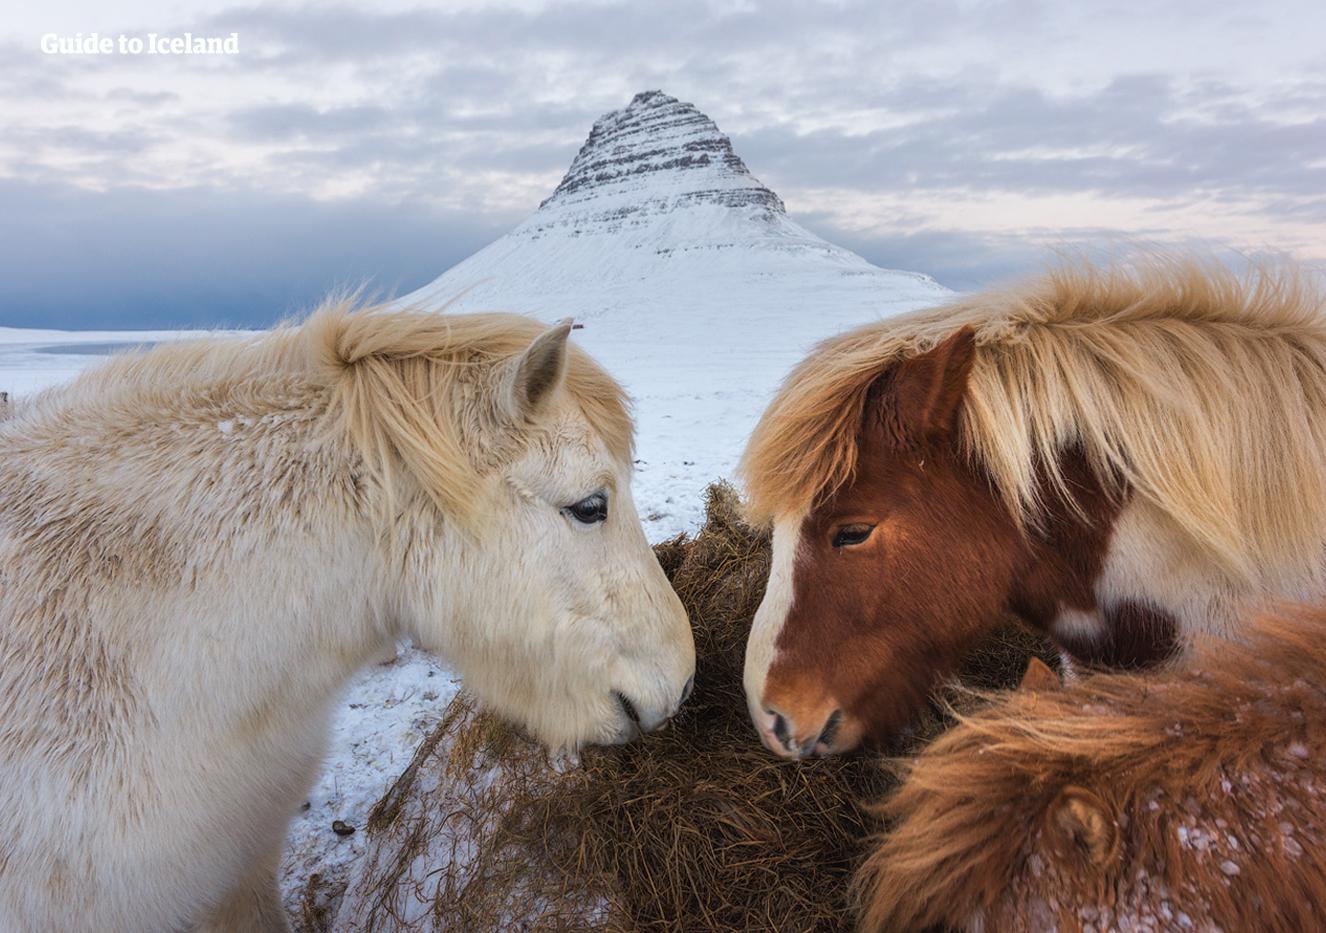 Islandshästar framför berget Kirkjufell på västra Island, här fotograferat på vintern.